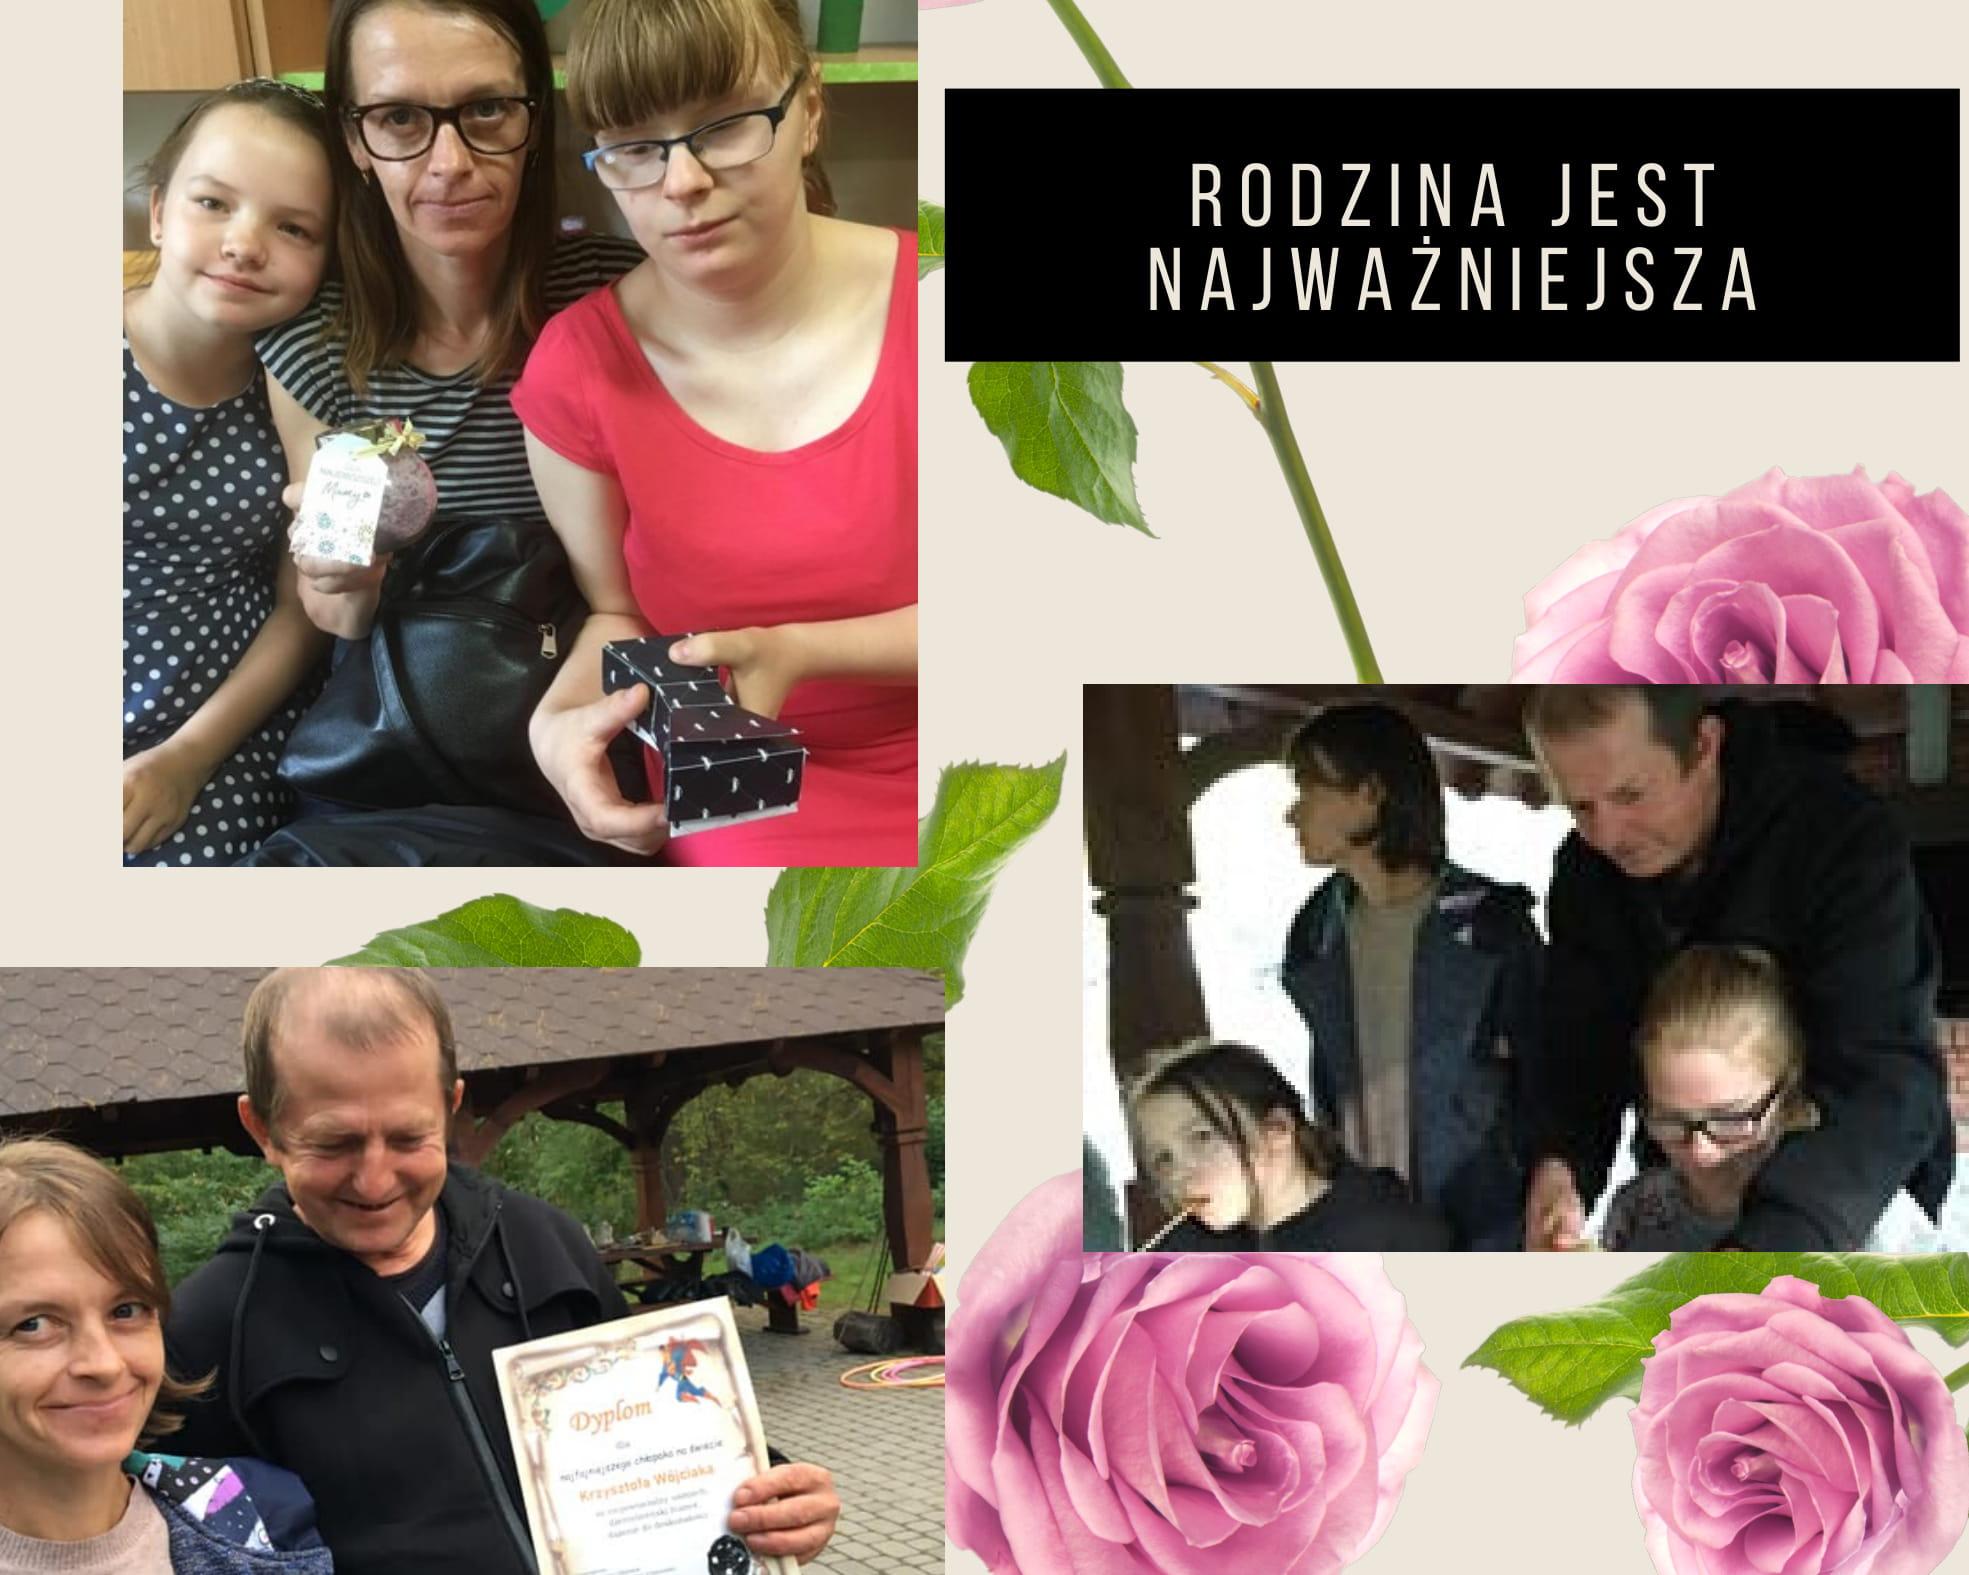 Moja Rodzina Kocham Najbardziej(4)-1